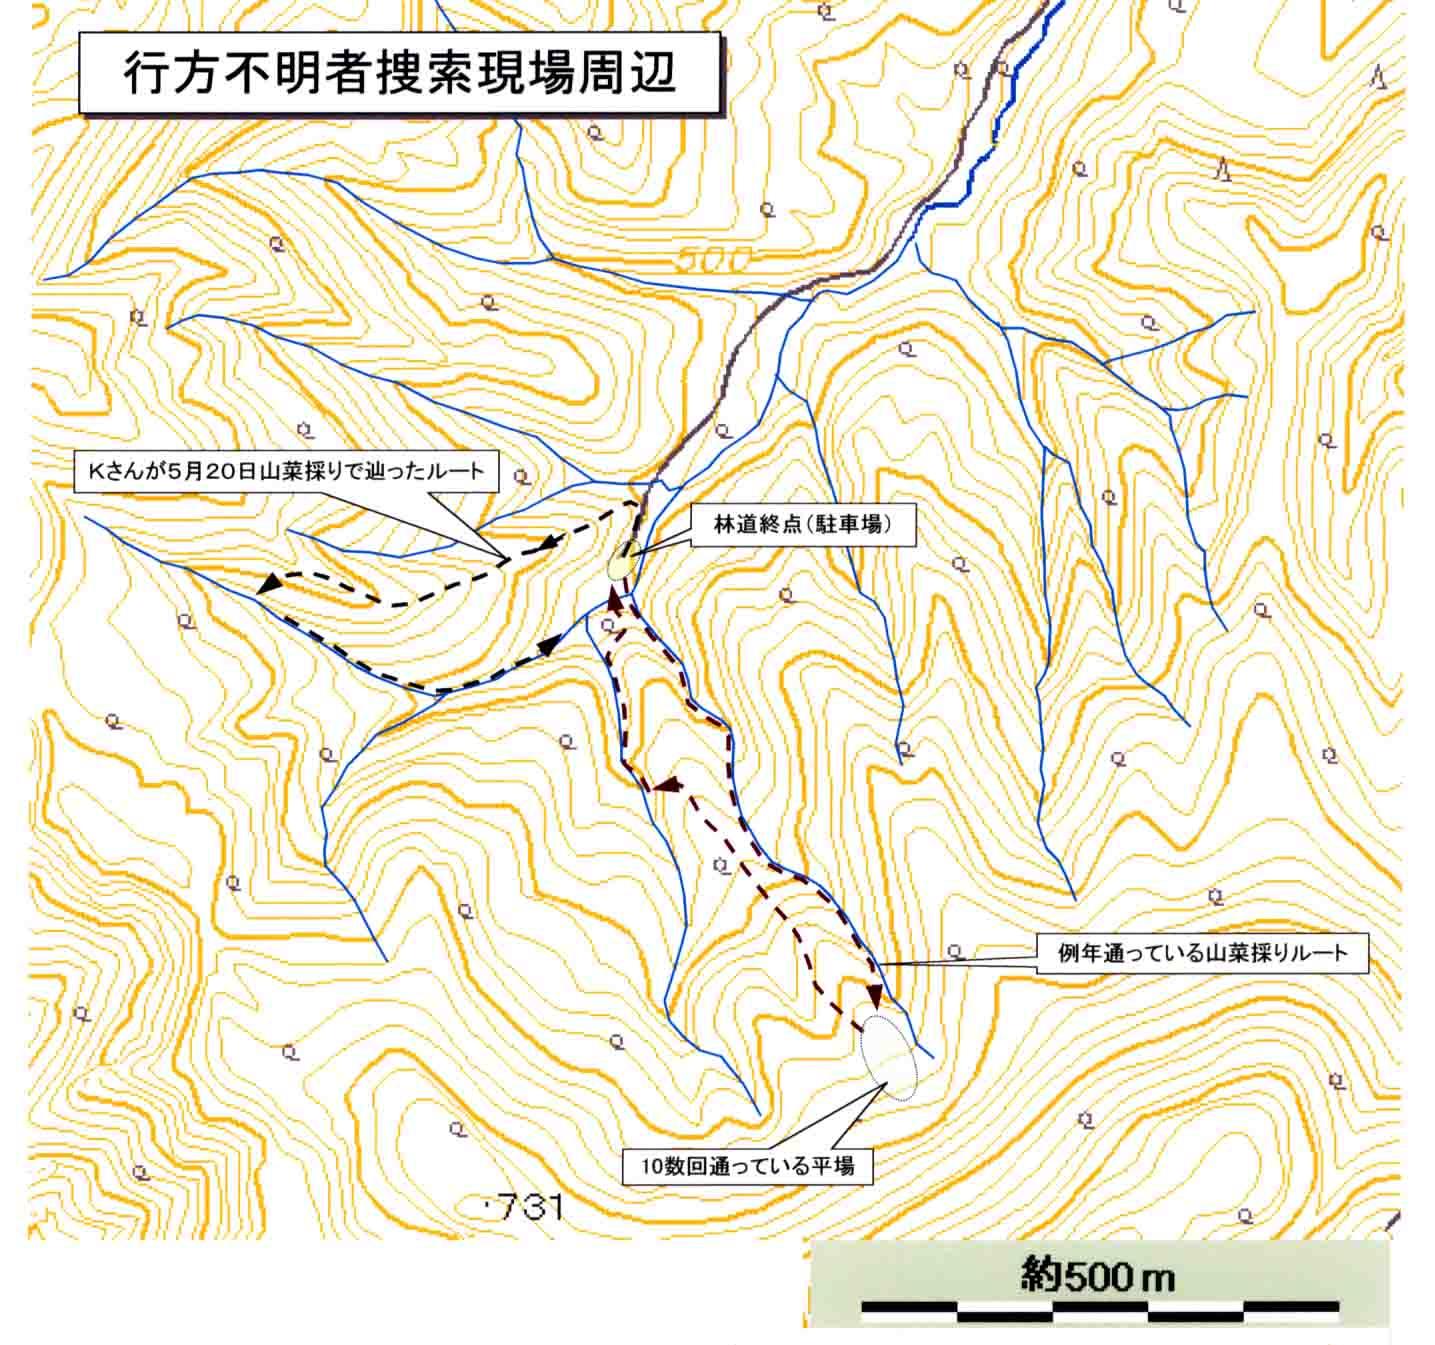 捜索現場周辺(拡大地図)